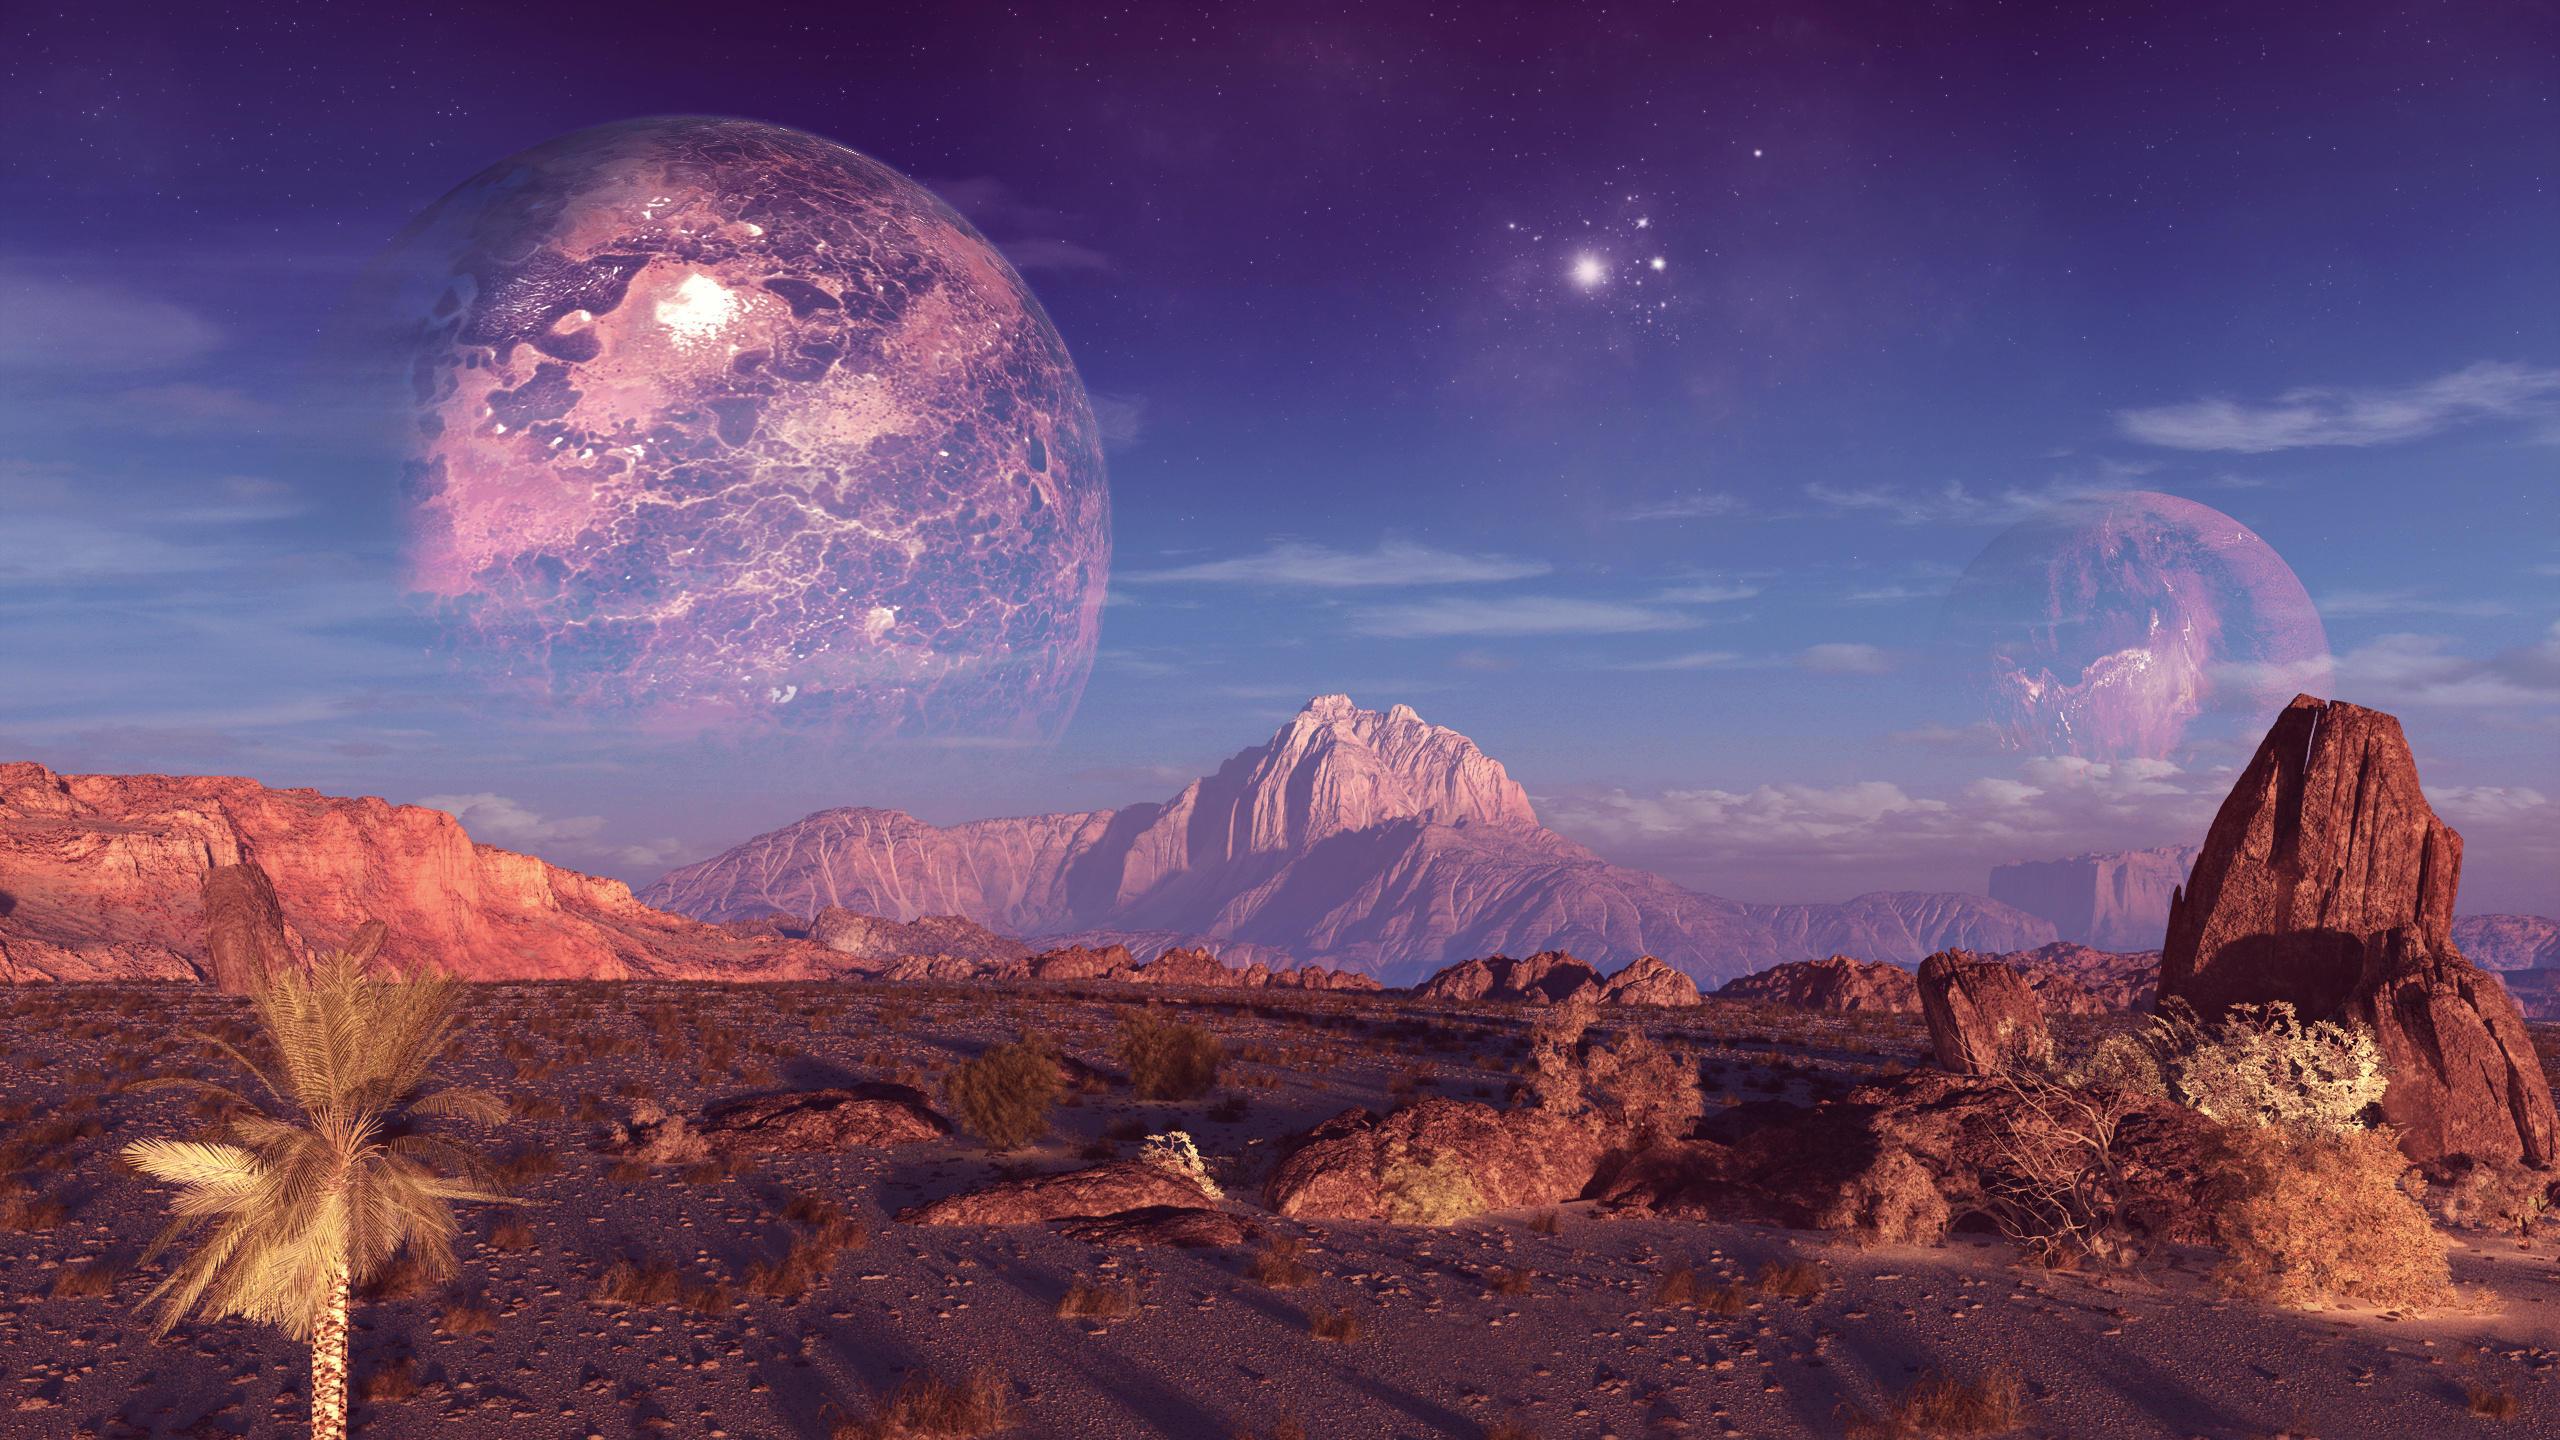 Обои Звездное небо над землей картинки на рабочий стол на тему Космос - скачать  № 1768355 без смс